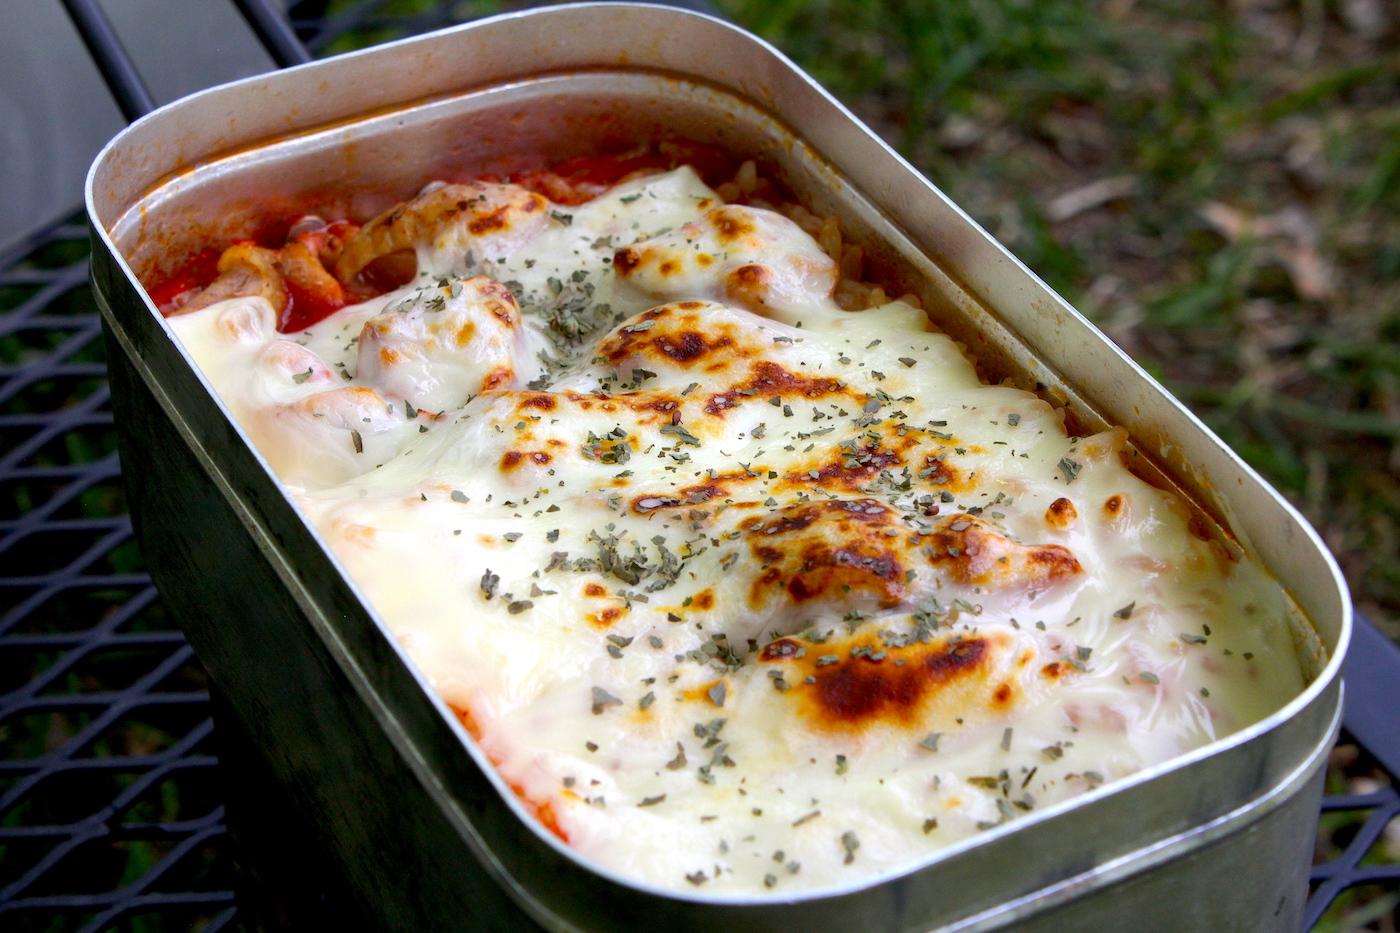 【メスティン自動炊飯】焼き鳥の缶詰を使ったチーズチキンライス